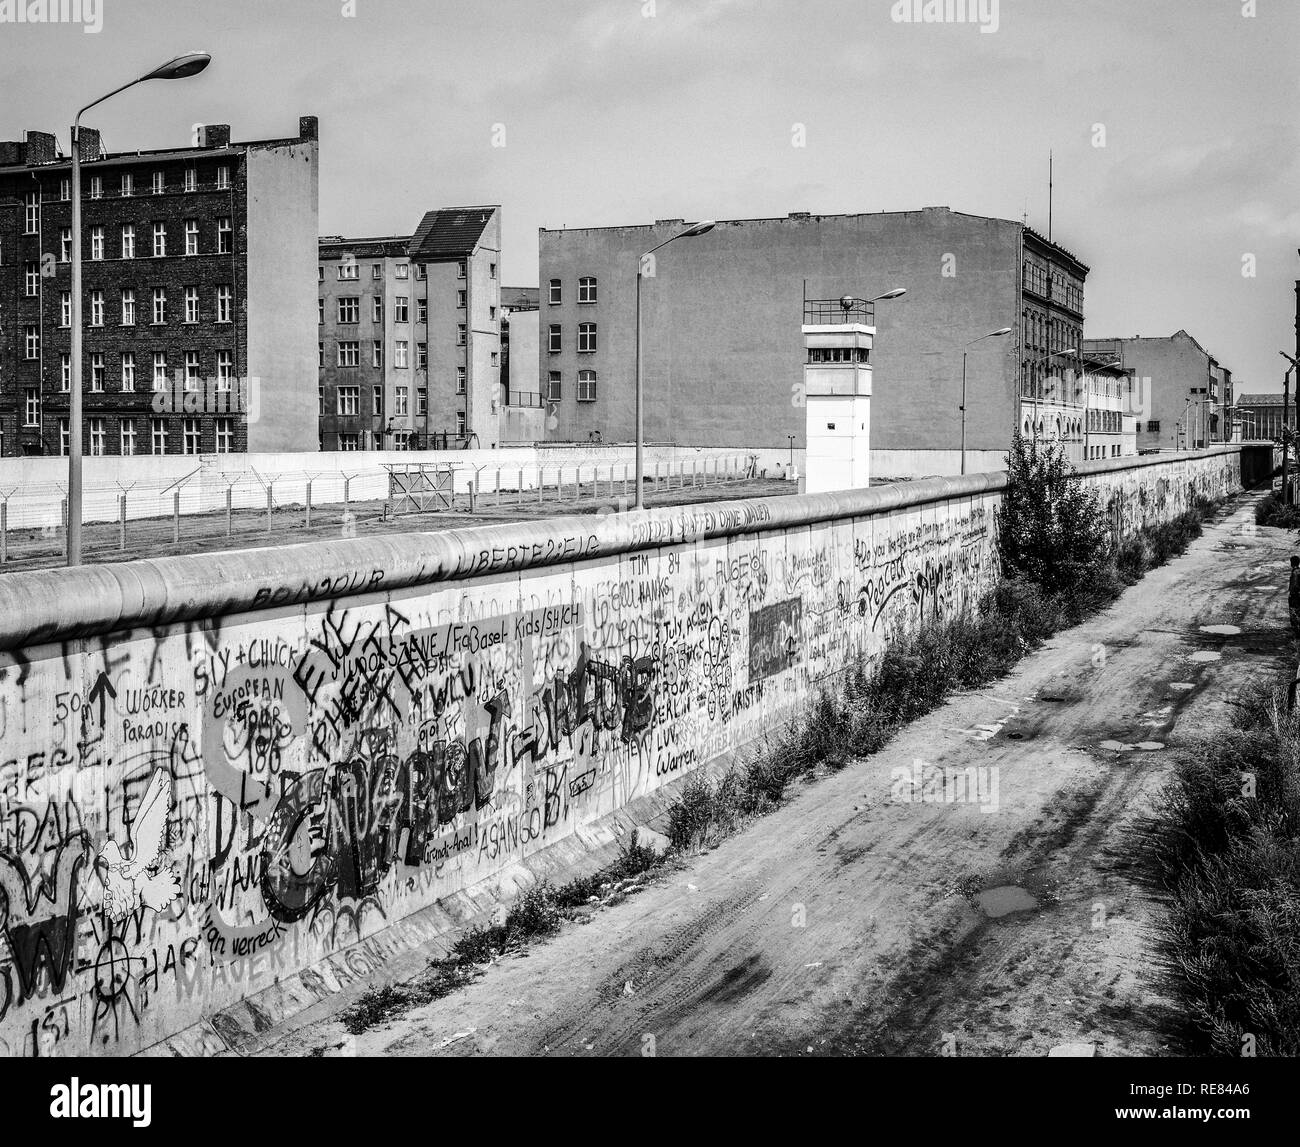 Agosto 1986, graffitis sul muro di Berlino, Berlino Est torre di avvistamento, striscia della morte, Zimmerstrasse street, Kreuzberg, Berlino Ovest lato, Germania, Europa Immagini Stock